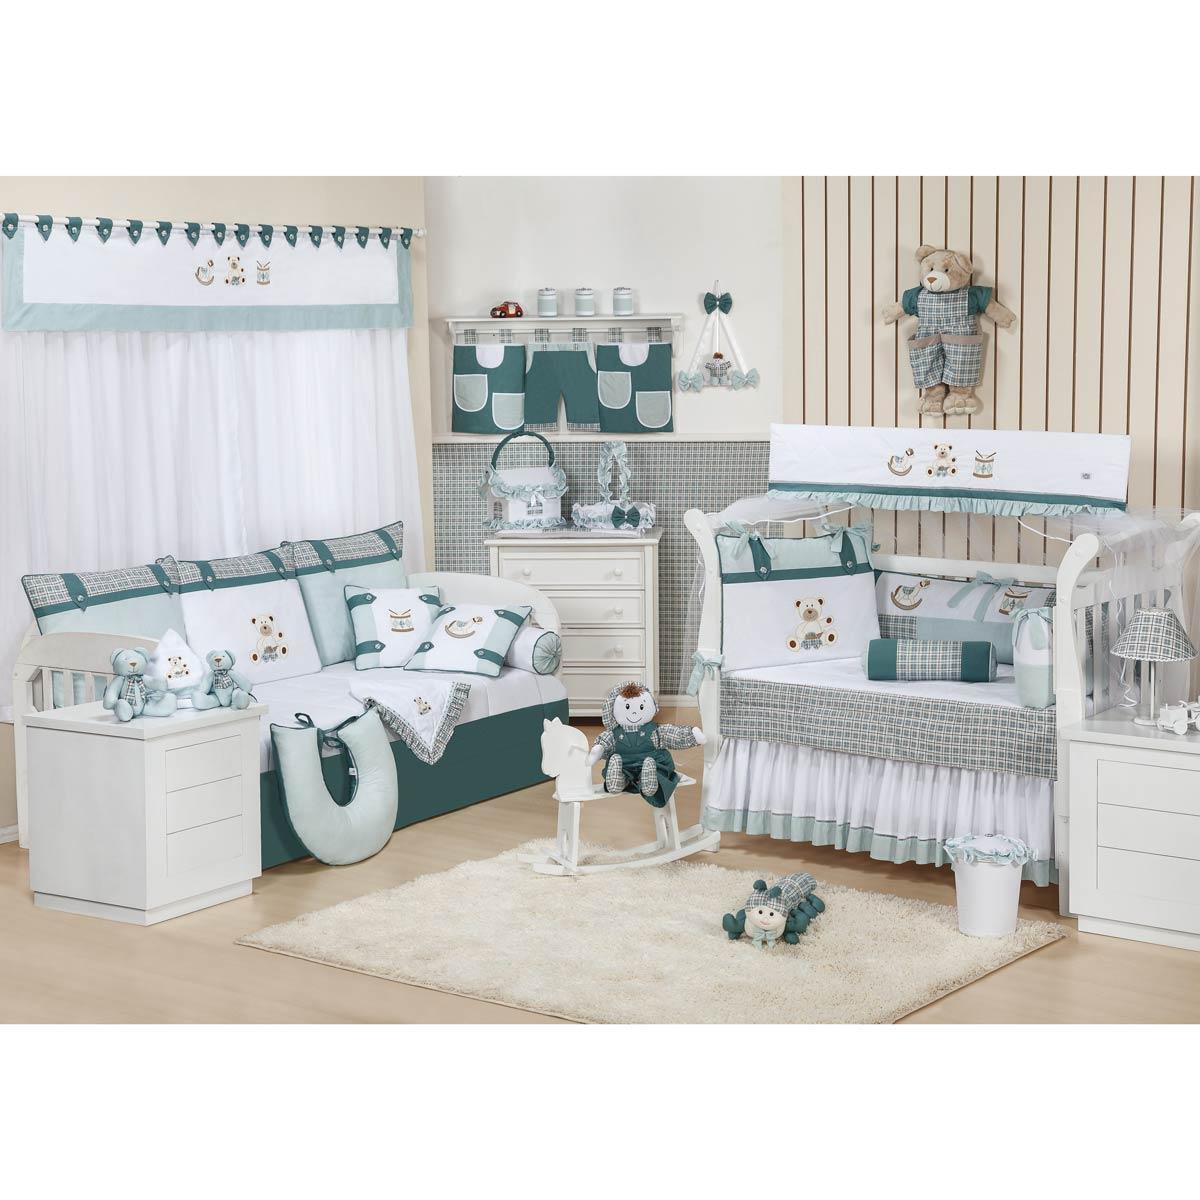 Lixeira Enfeitada p/ Quarto de Bebê - Coleção Brinquedos Baby